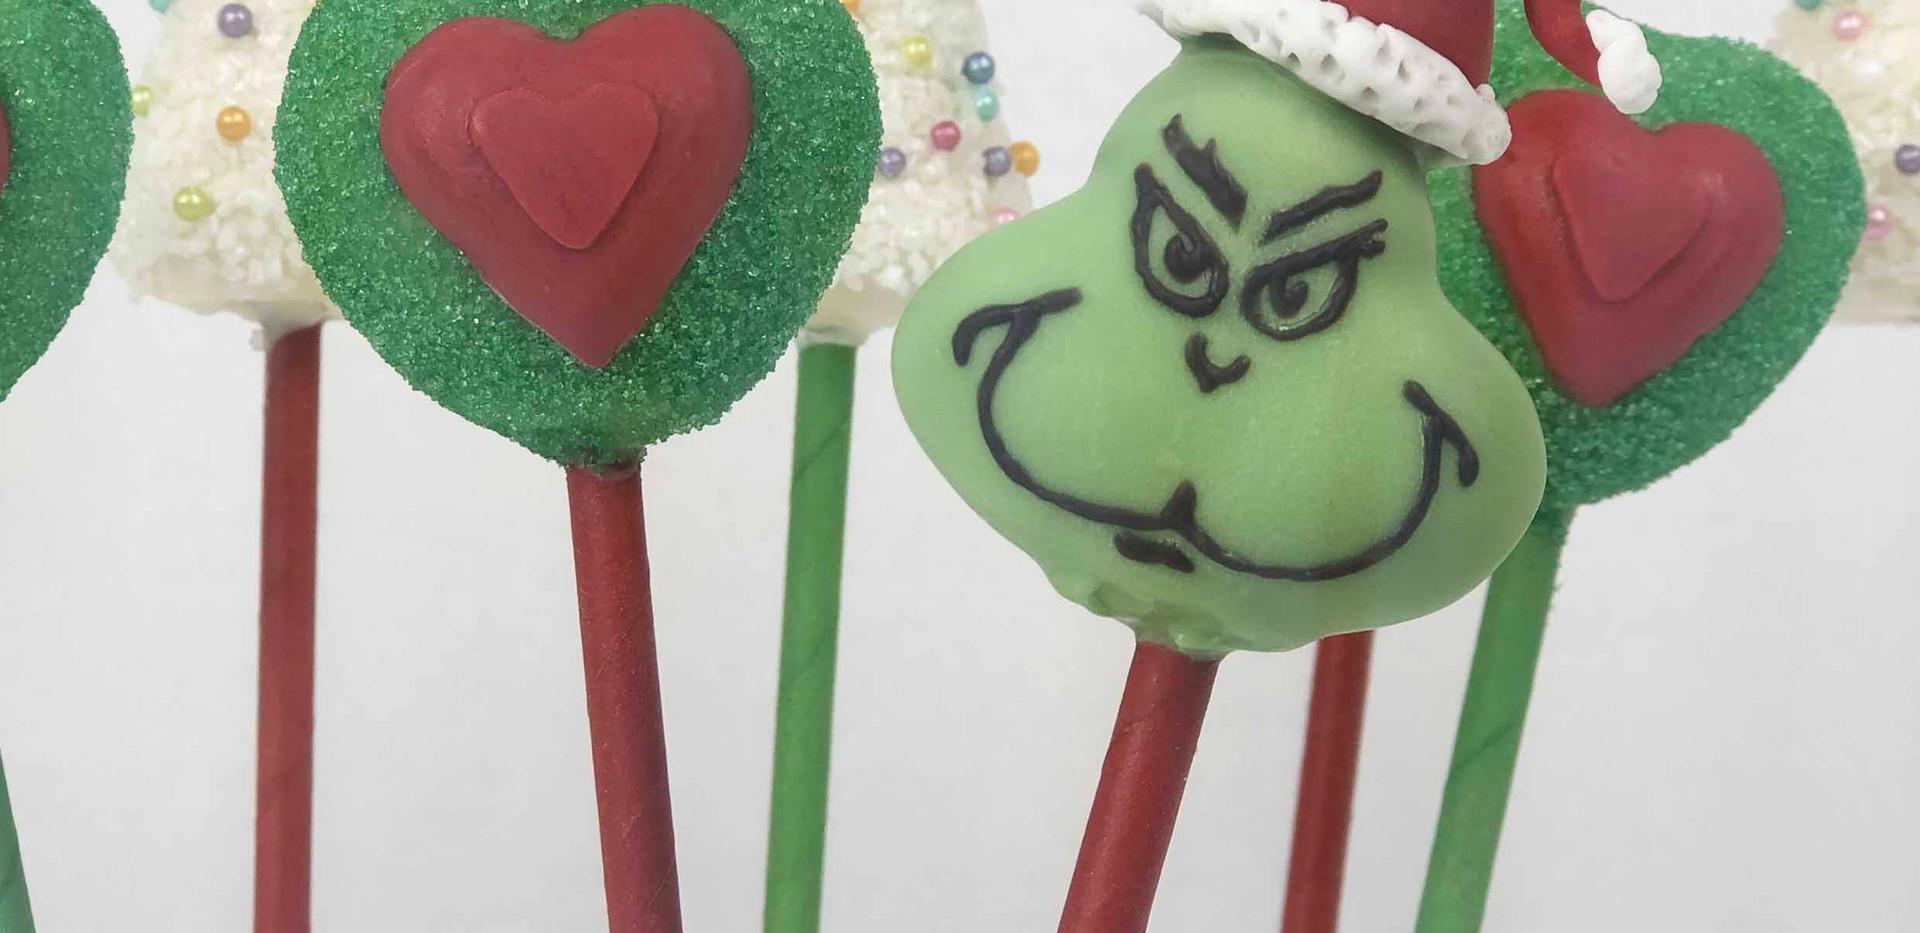 Grinch Pops Image 9 with LOGO LR.jpg